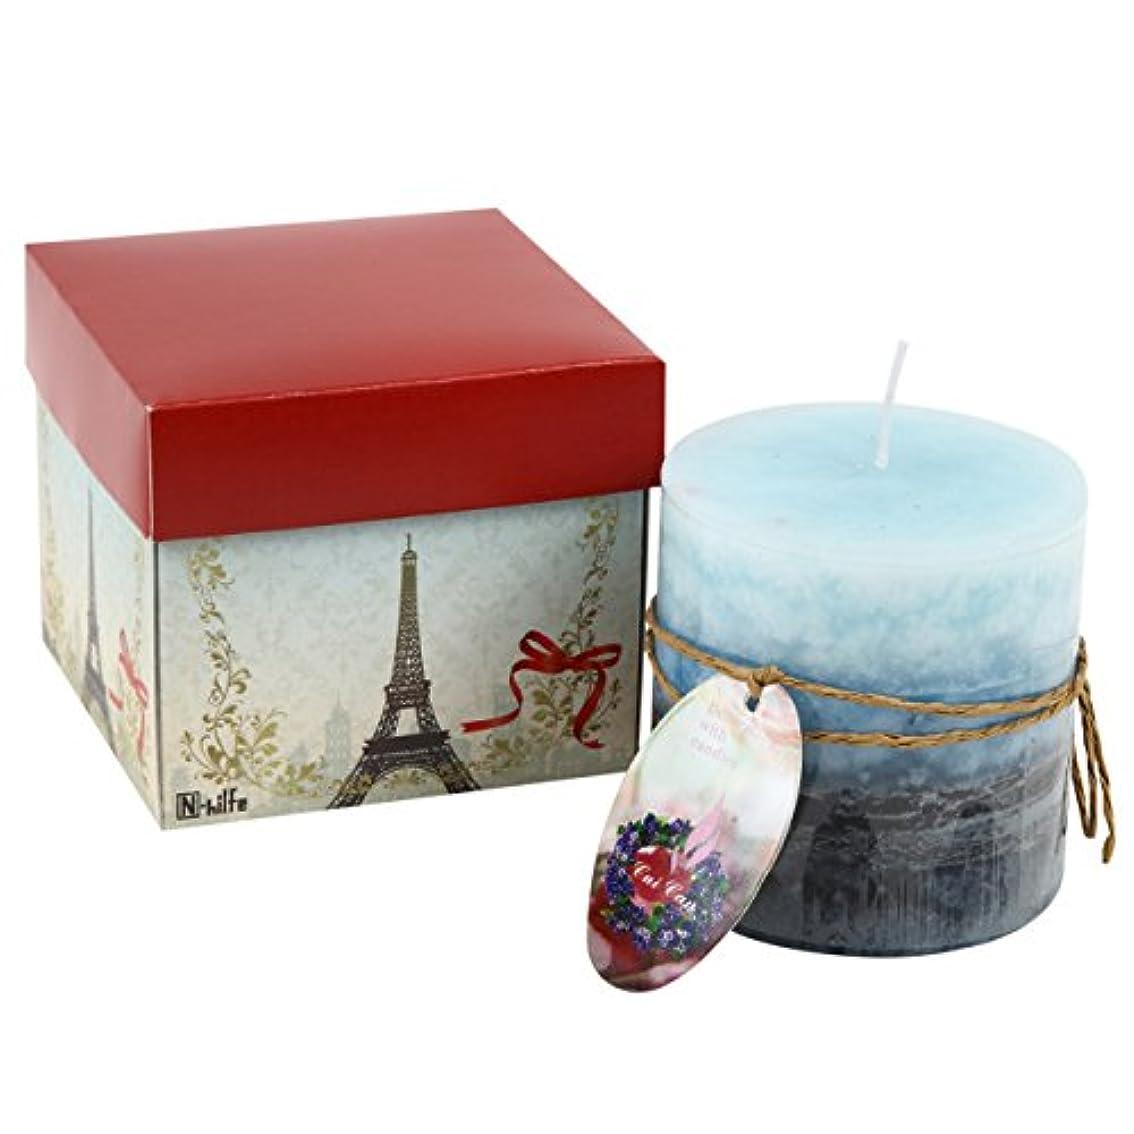 量生産性主要なN-hilfe キャンドル 7.5x7.5cm 蝋燭 アロマキャンドル (ビーチ,青)